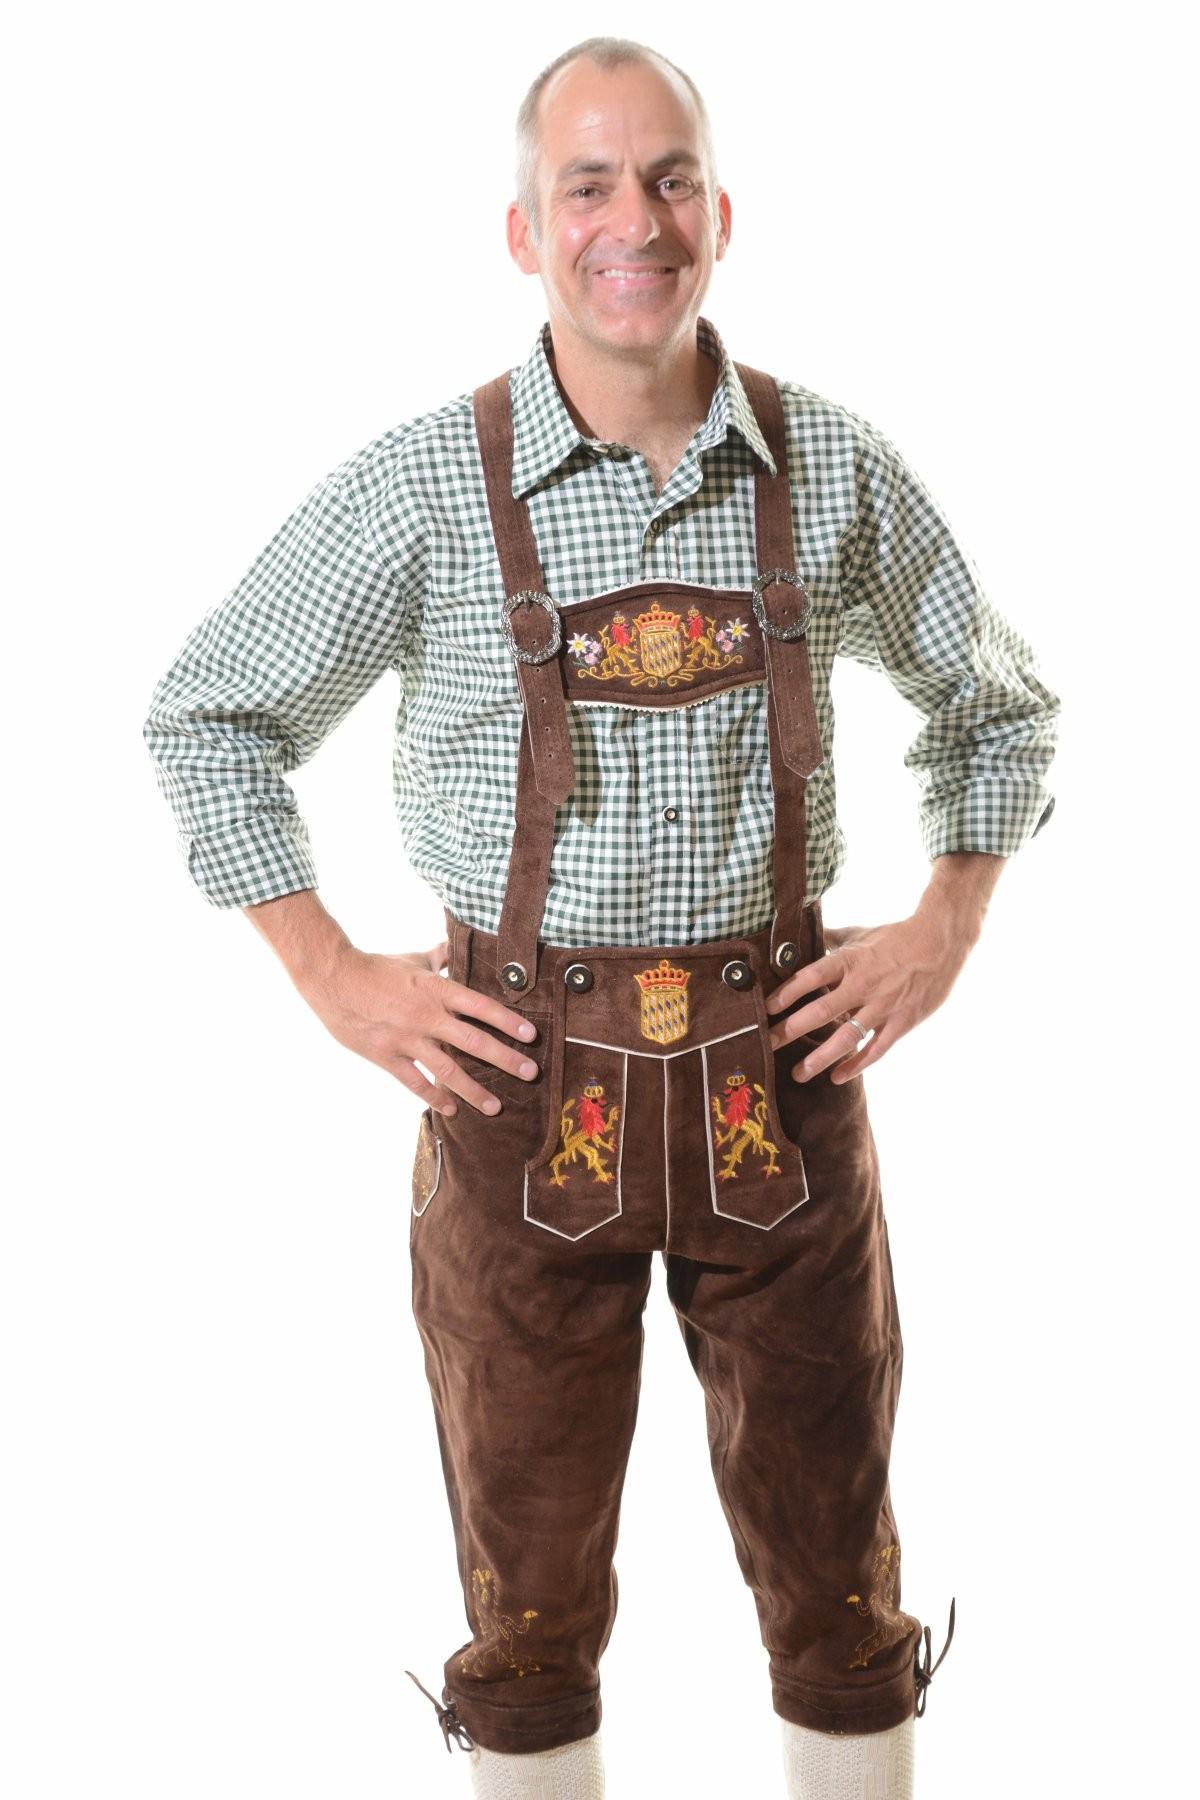 BAYERN Lederhosen | Lederhosen costume | Bavarian clothing ...